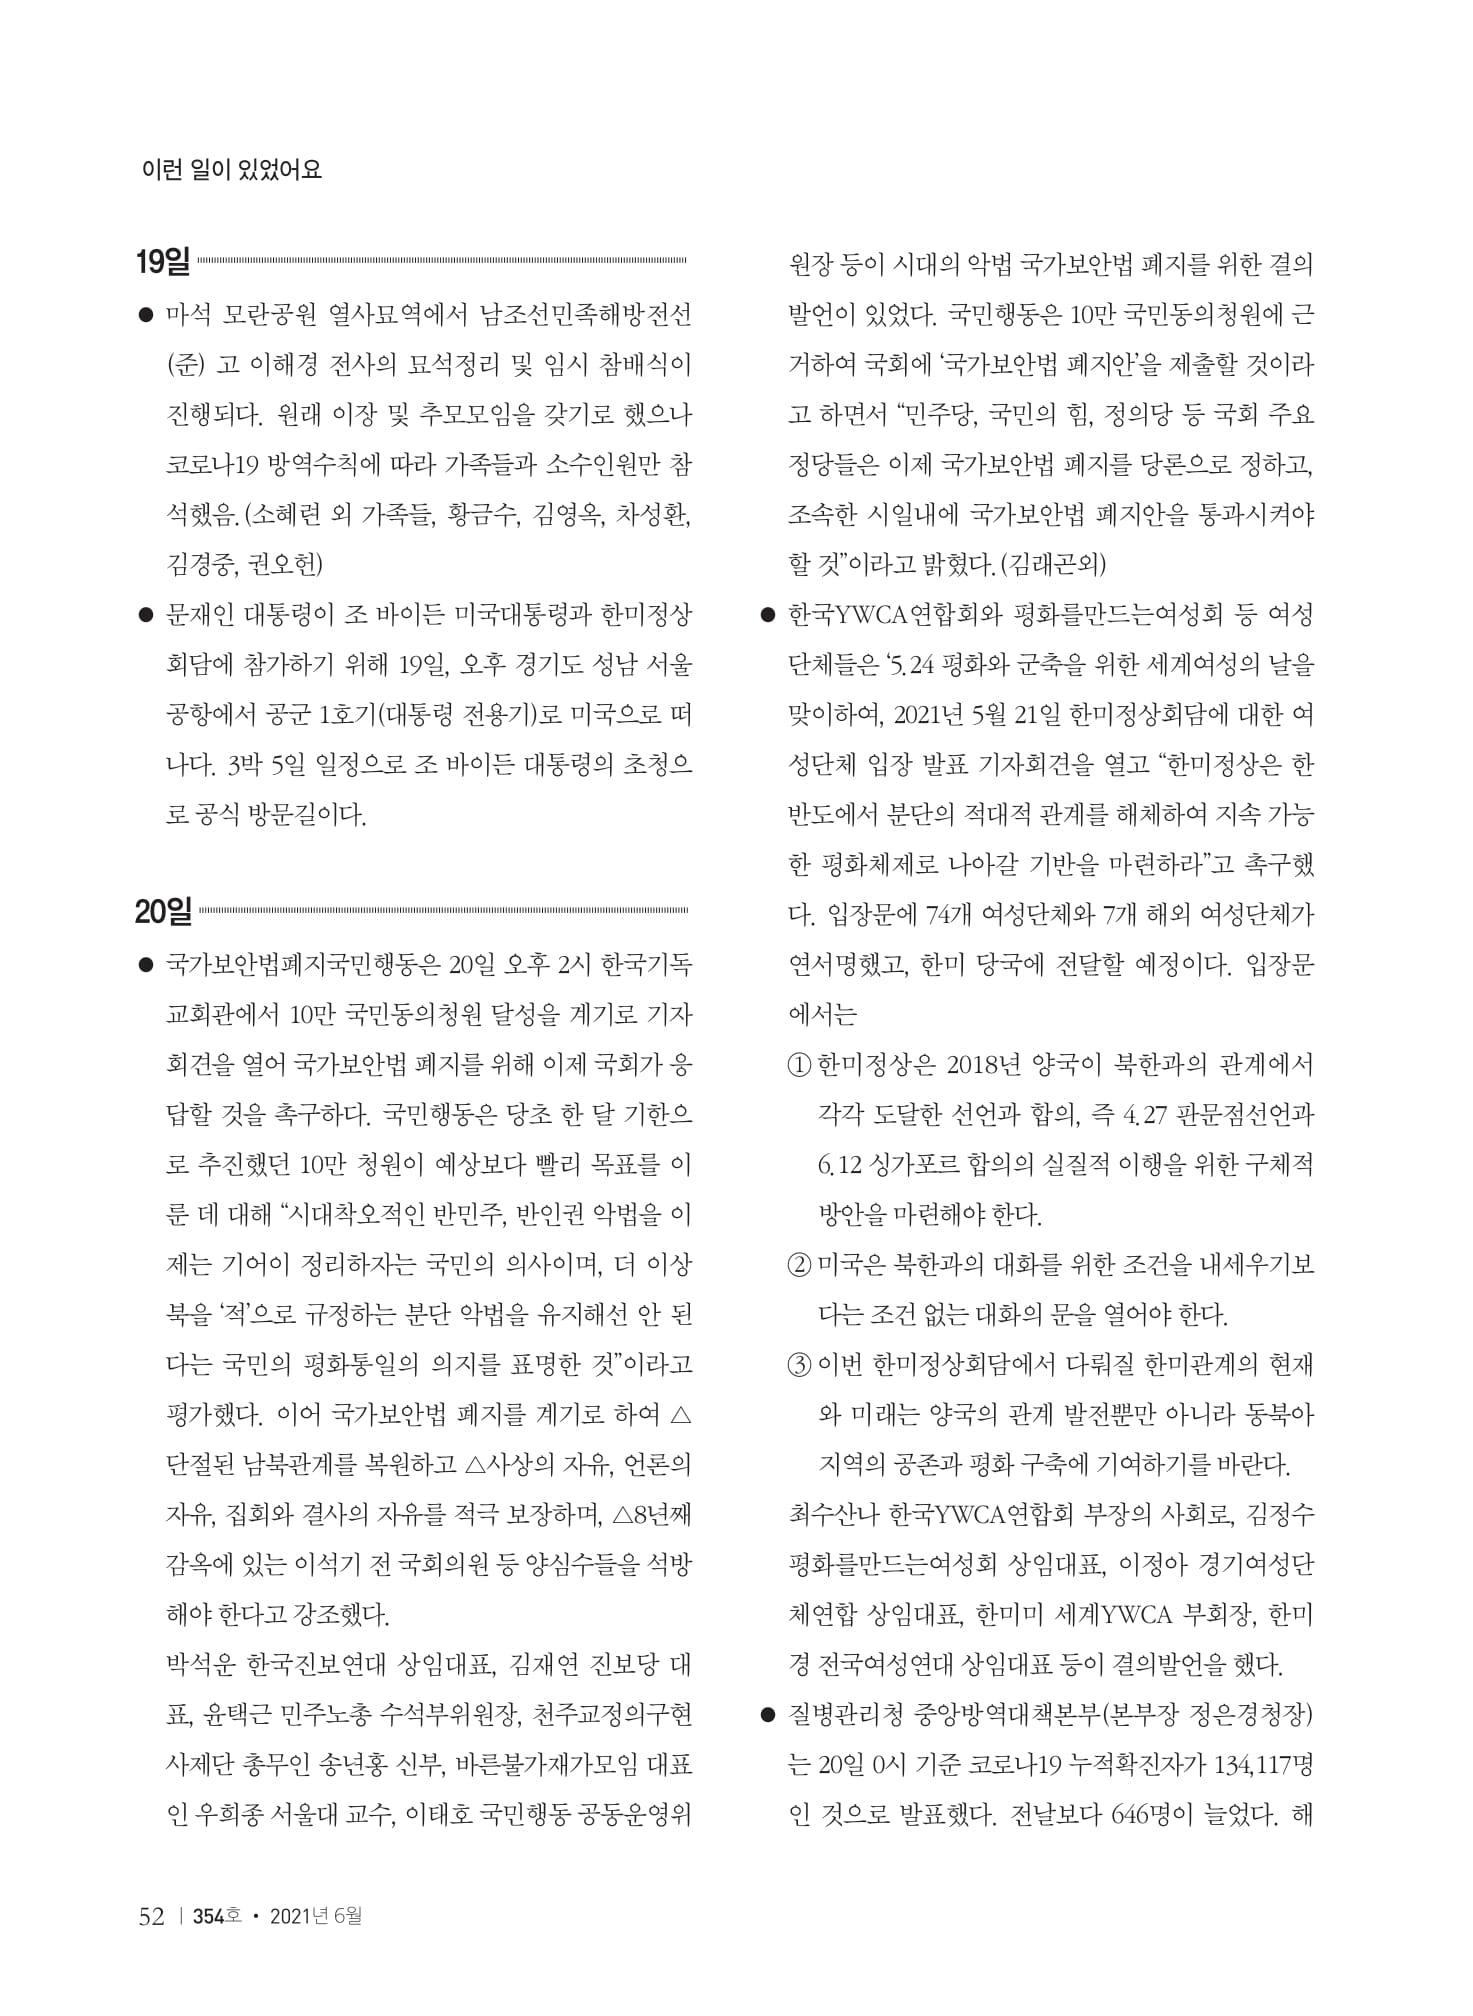 [양심수후원회] 소식지 354호 web 수정-54.jpg